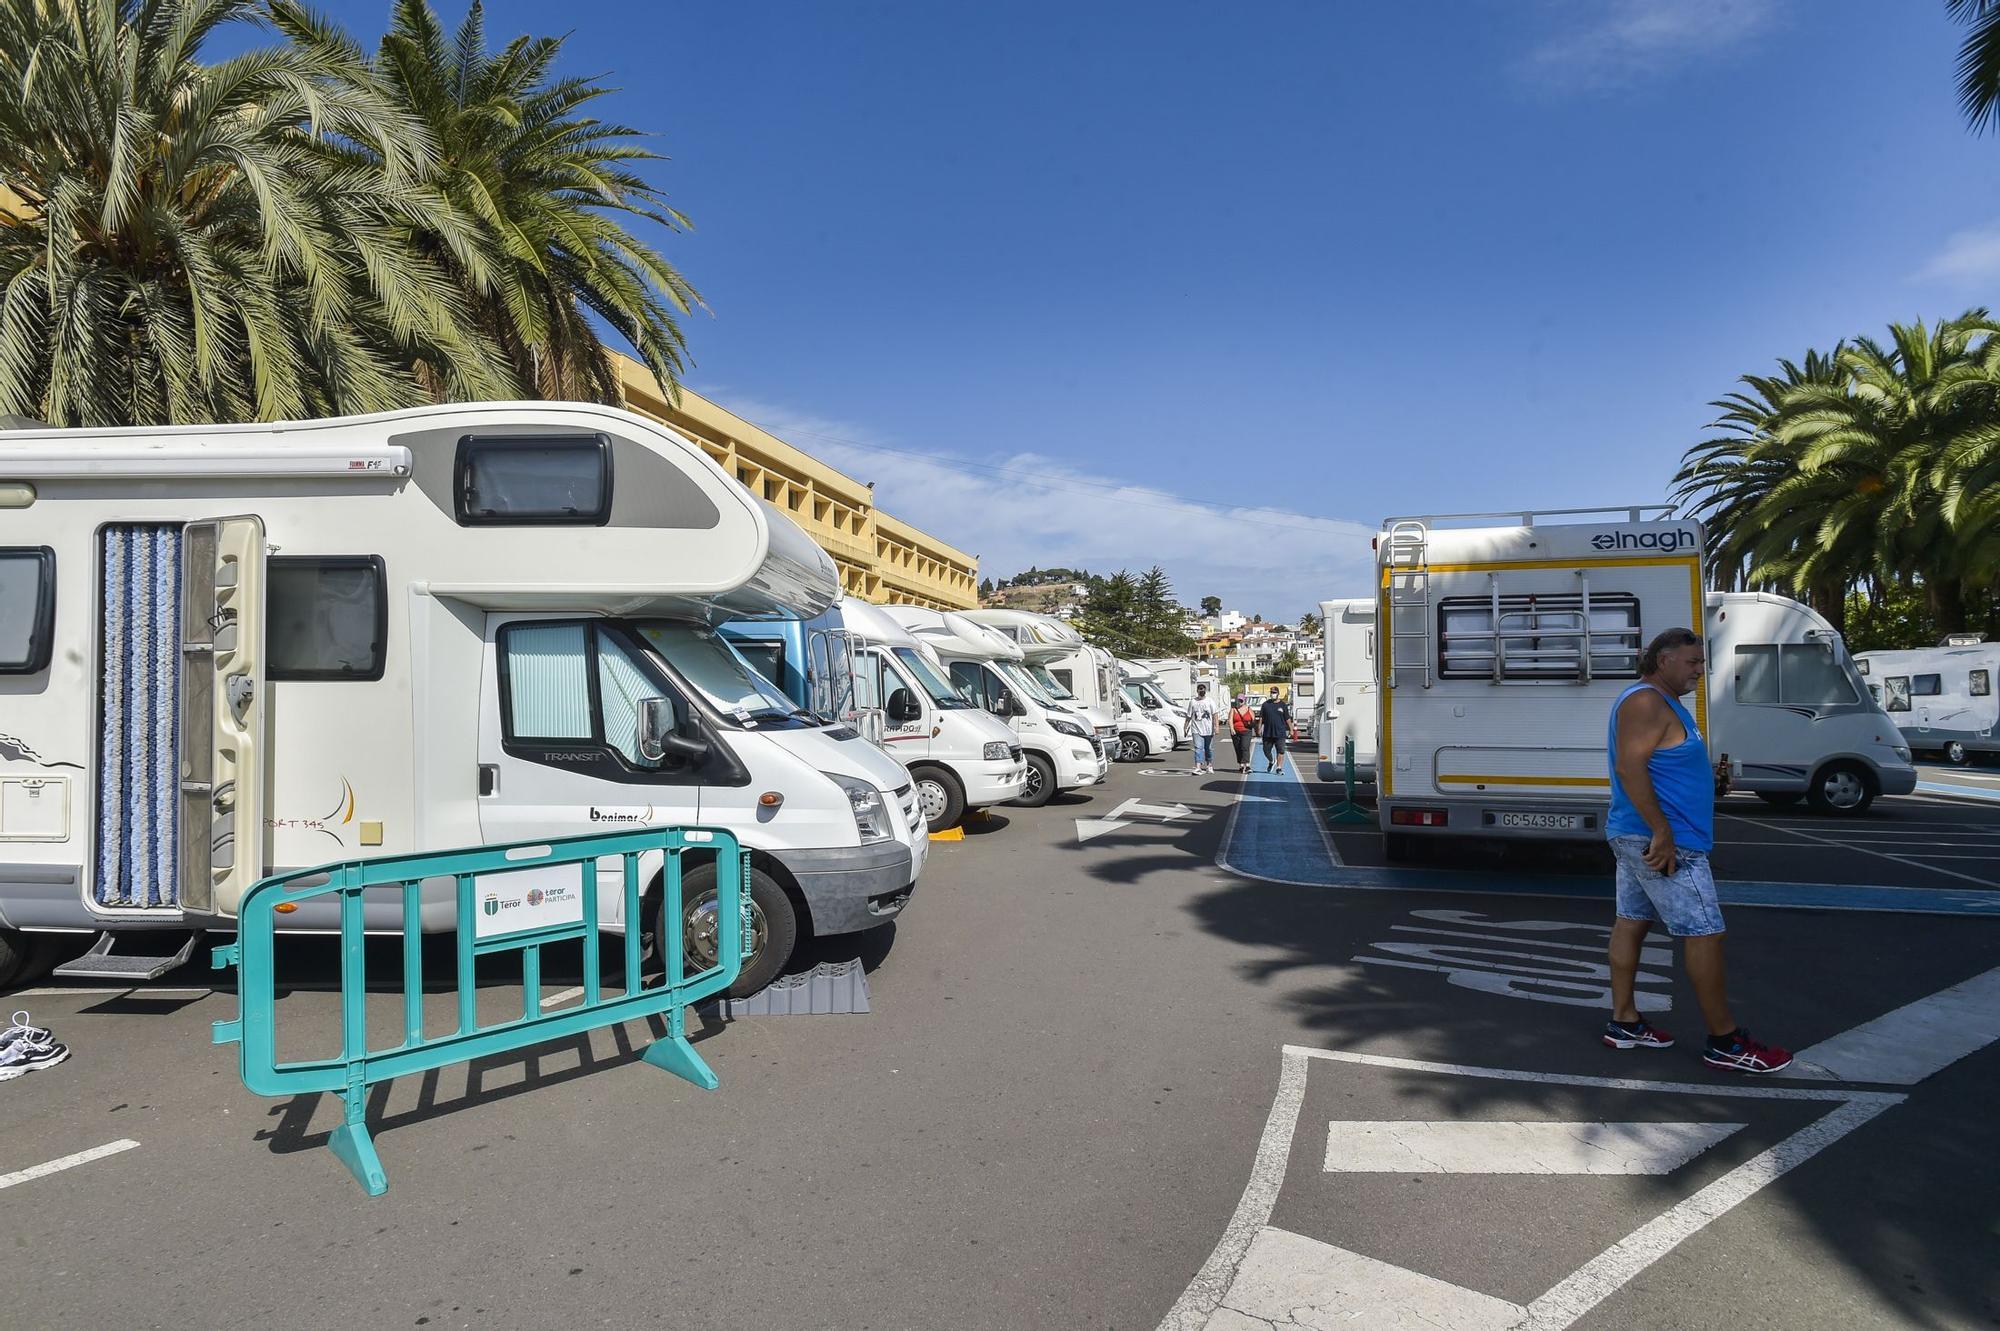 Encuentro de caravanas en Teror